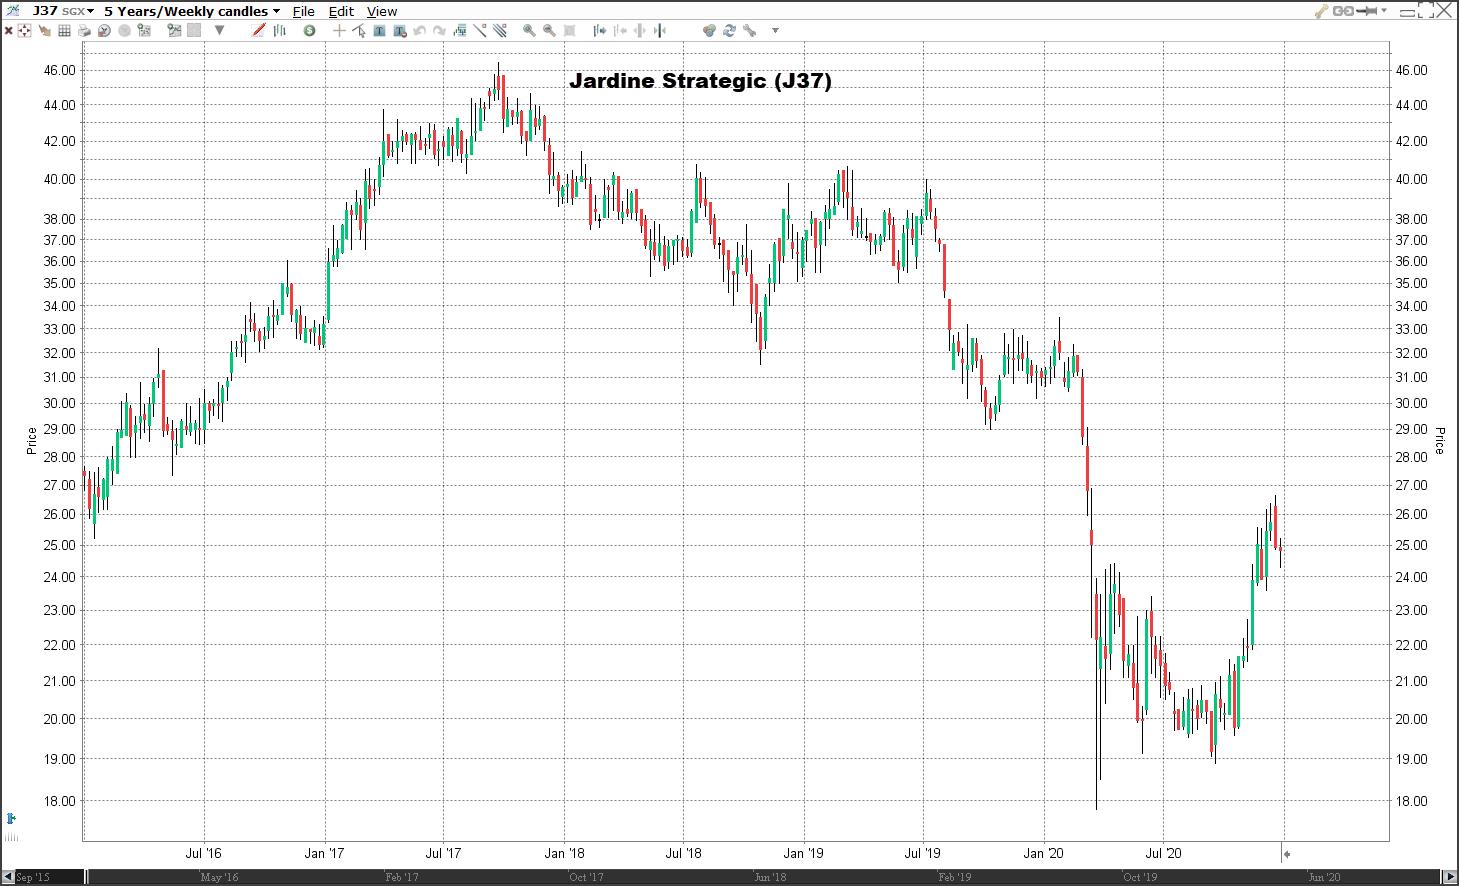 Aandeel Jardine Strategic   Welke aandelen kopen 2021?